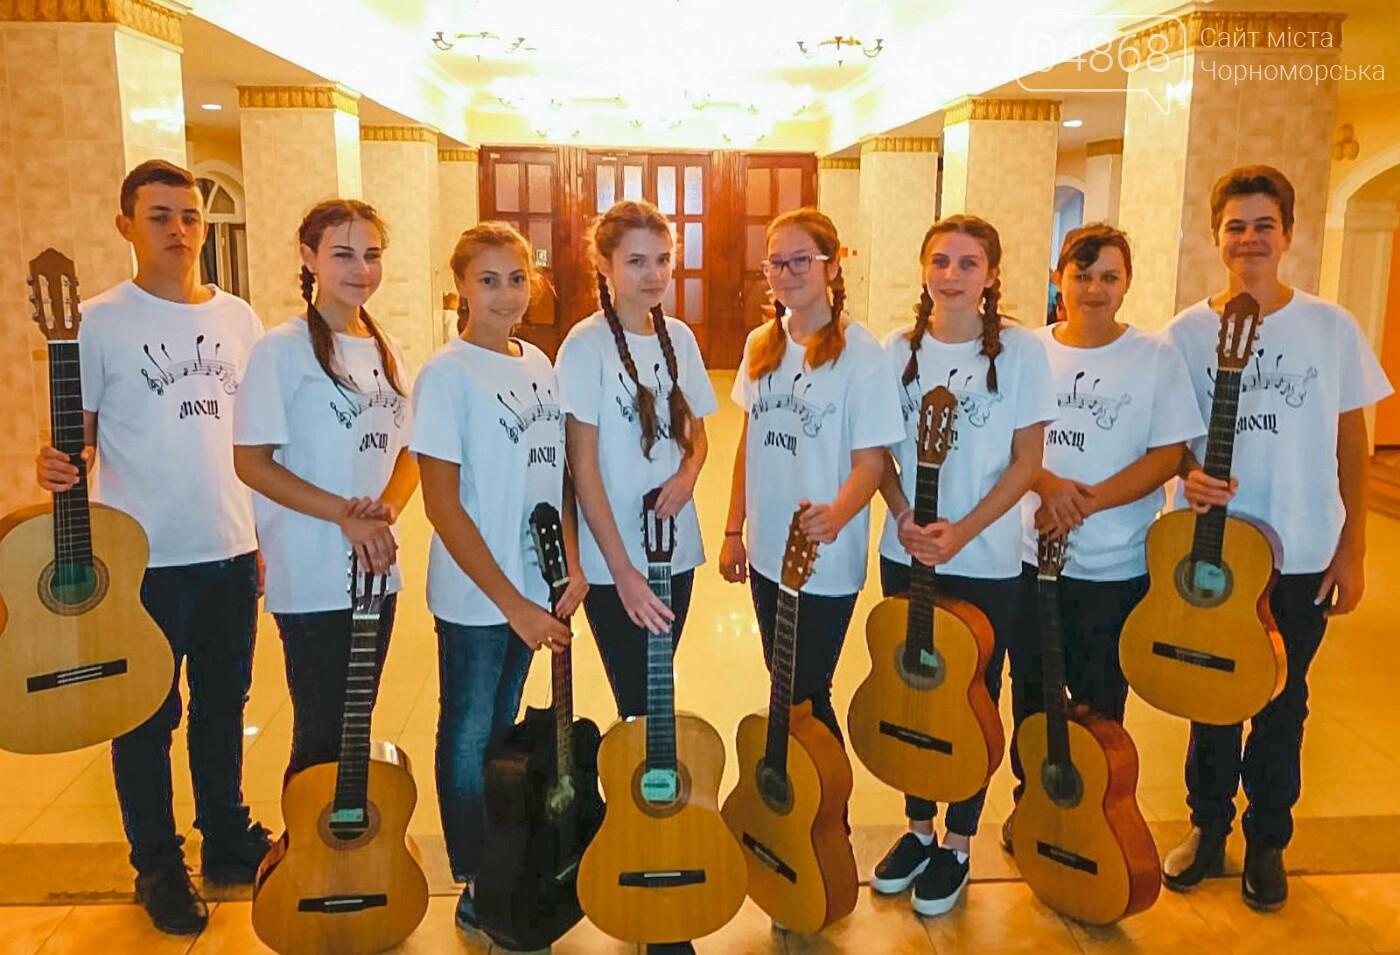 Гитаристы из Черноморска стали серебряными призерами на Всеукраинском конкурсе, фото-1